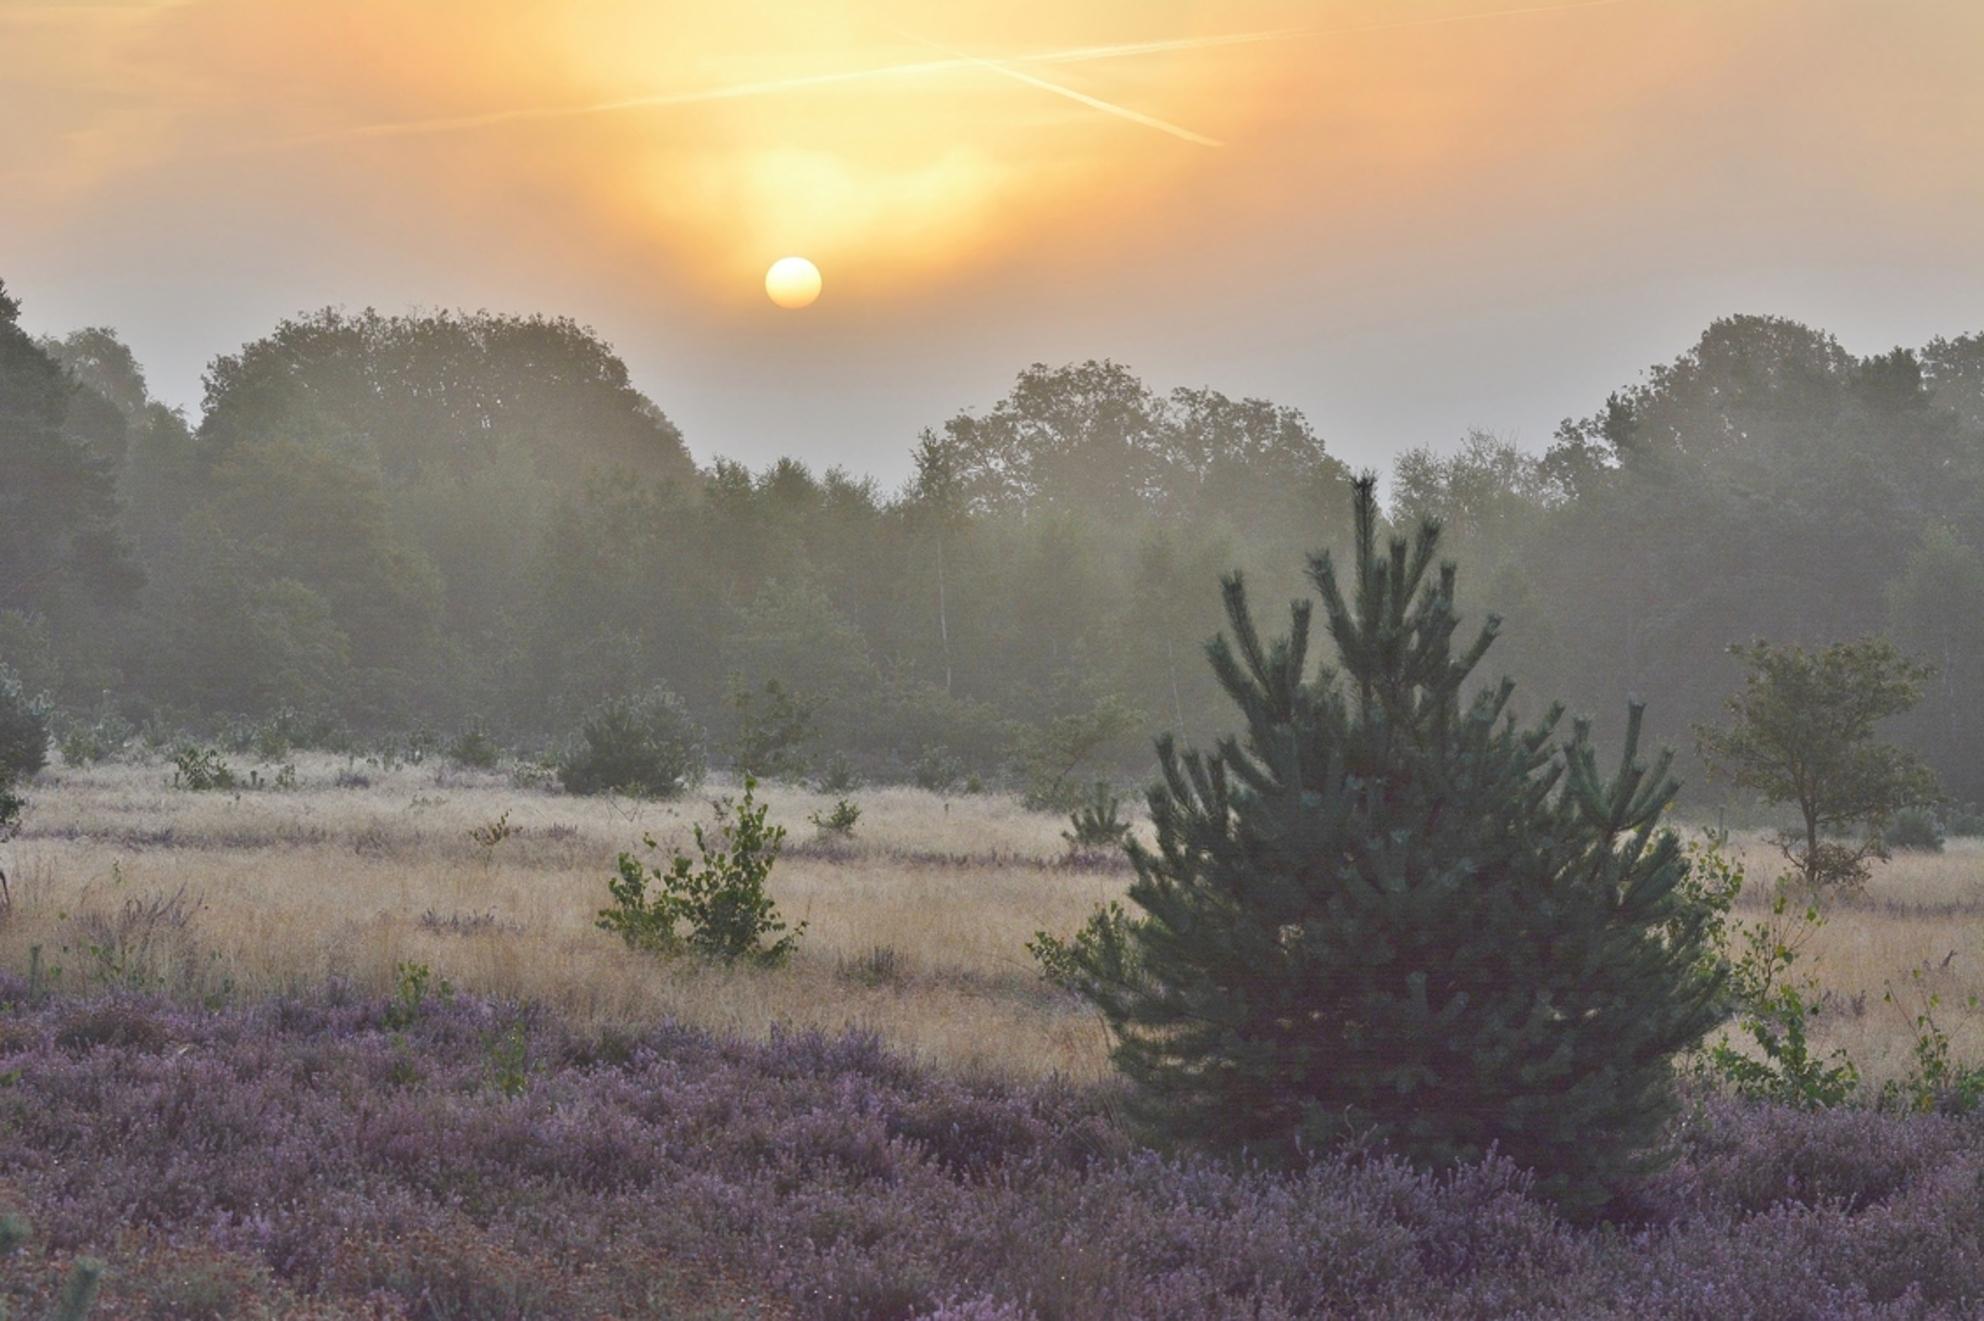 ochtendstond heeft goud in de mond - een week geleden.... wat ben ik blij dat ik die dag gespijbeld heb; Wat een verschil met vandaag! - foto door ingebeeld op 16-09-2015 - deze foto bevat: kleur, bomen, hei, stilte, zonsopgang, sallandse heuvelrug - Deze foto mag gebruikt worden in een Zoom.nl publicatie